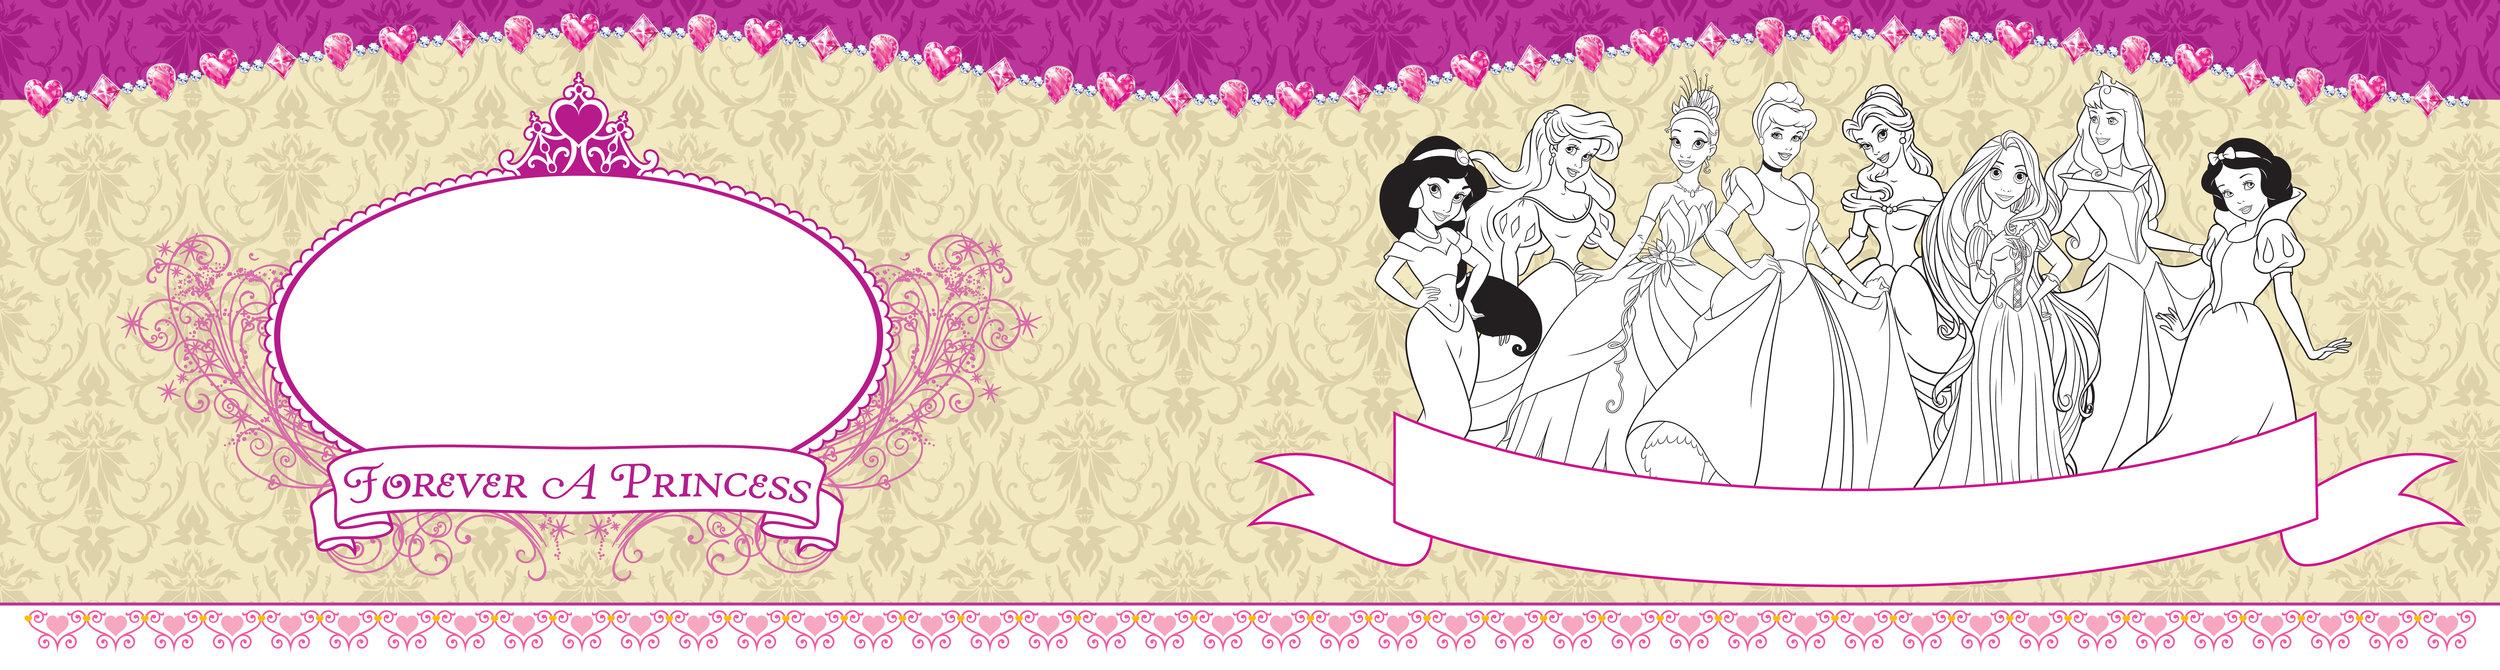 LIAB-Princess-3-CYO.jpg